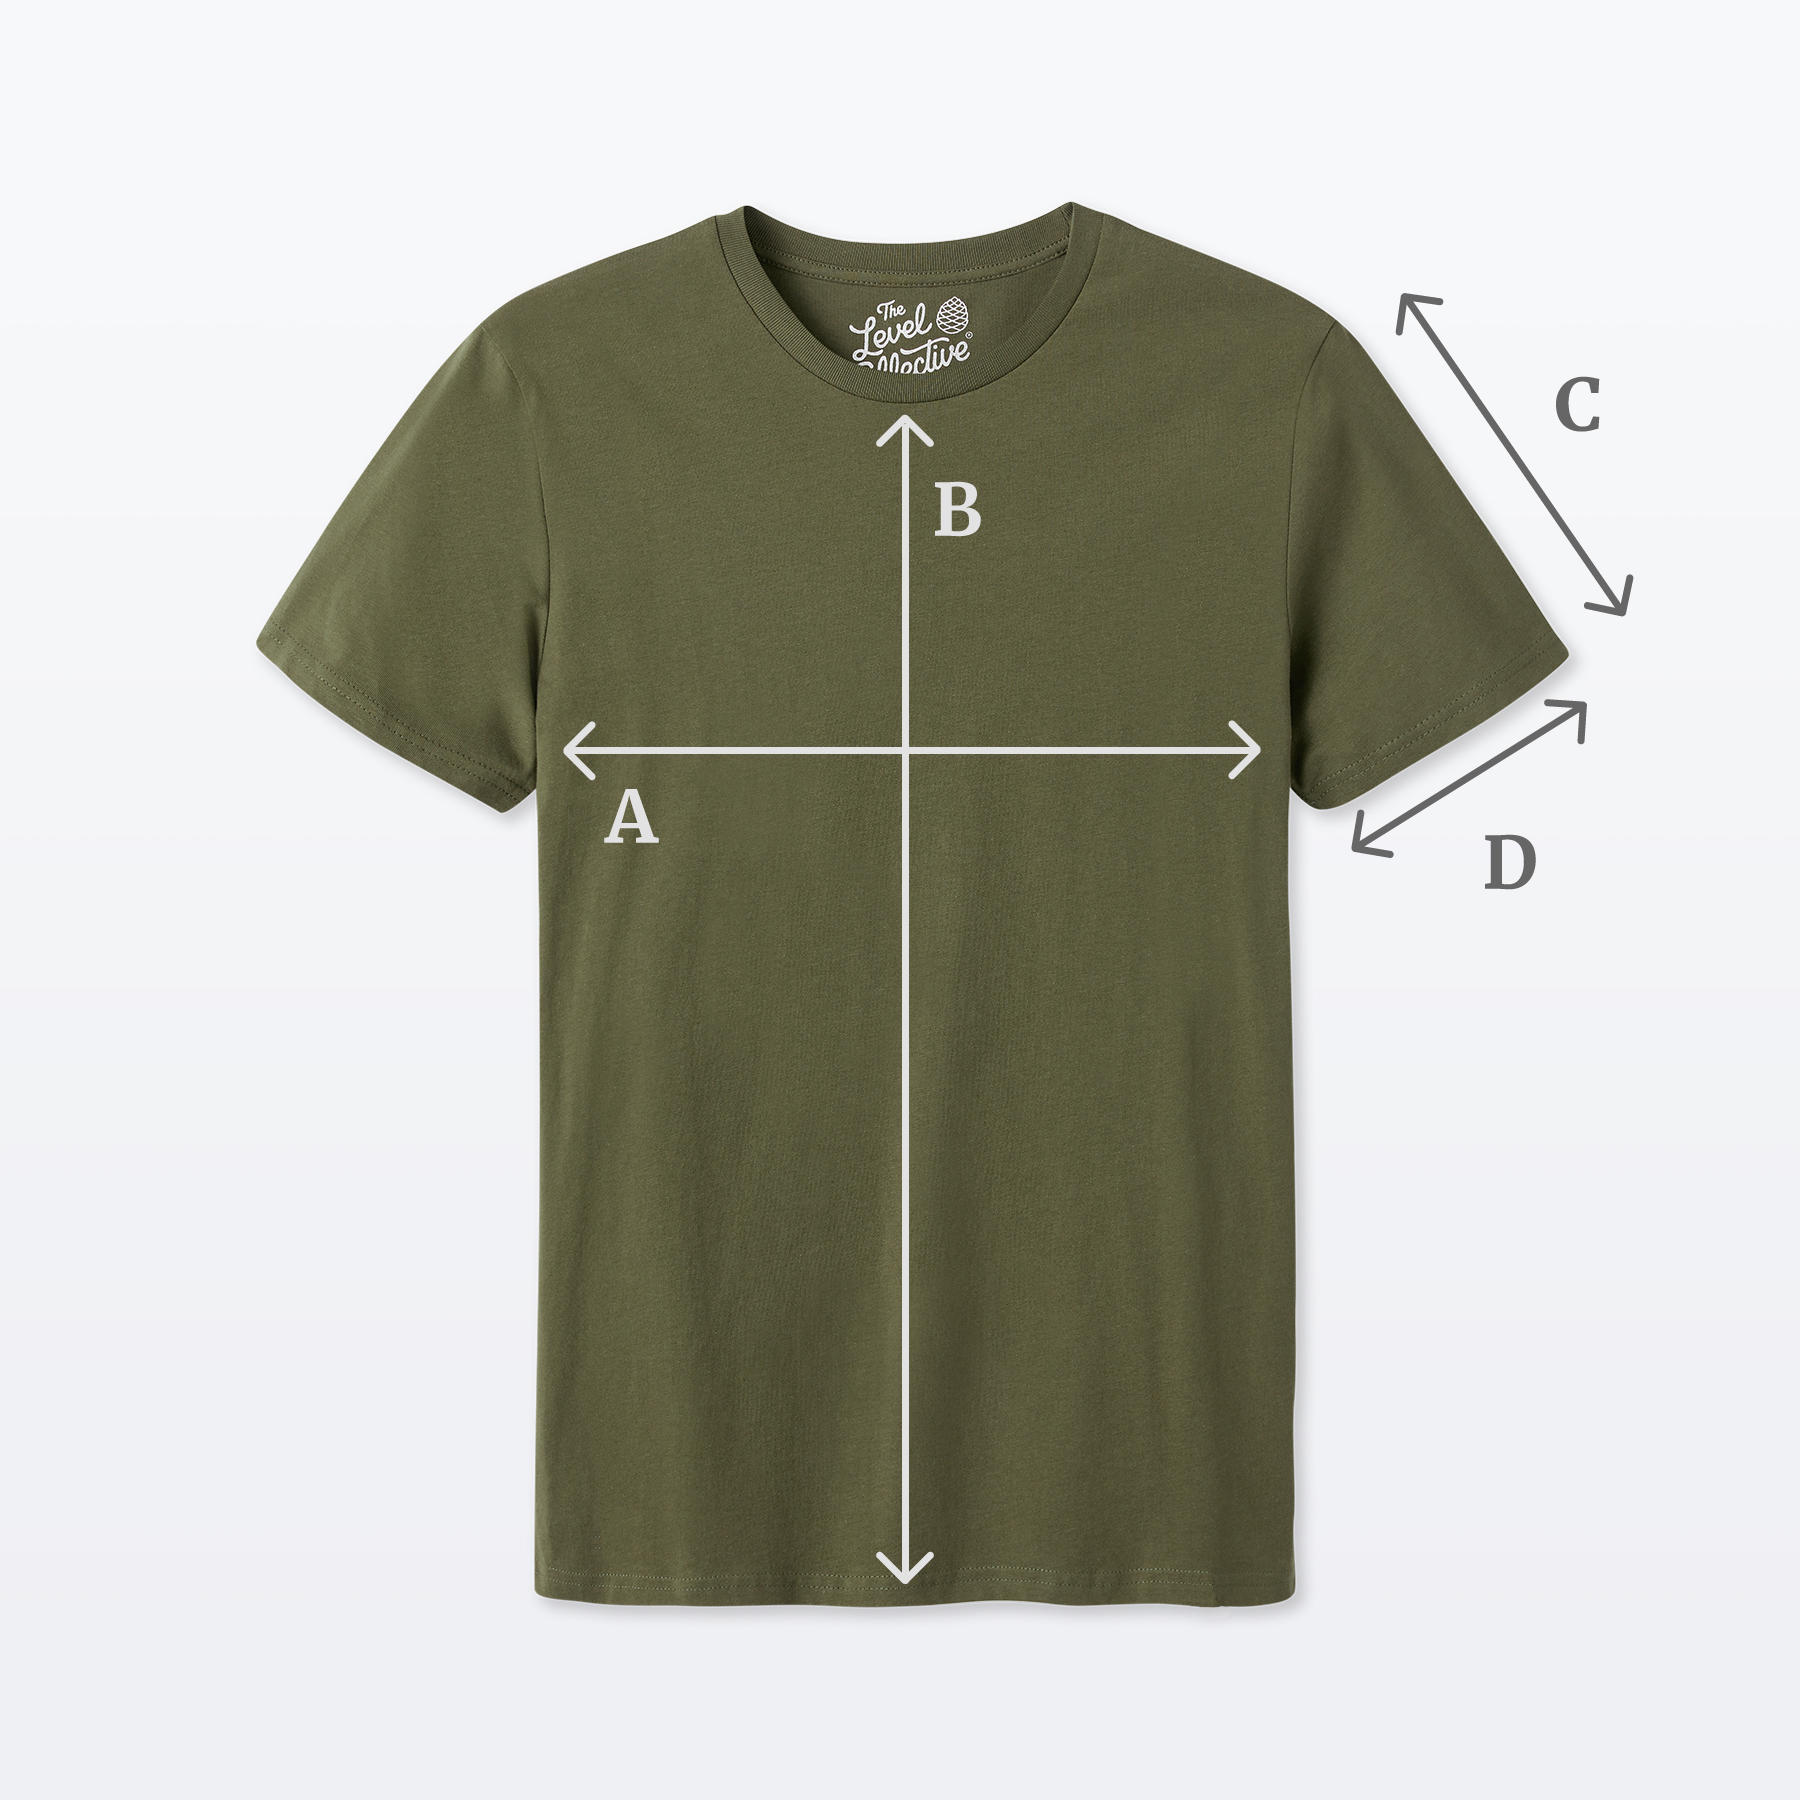 Sizing-organic-t-shirt.jpg